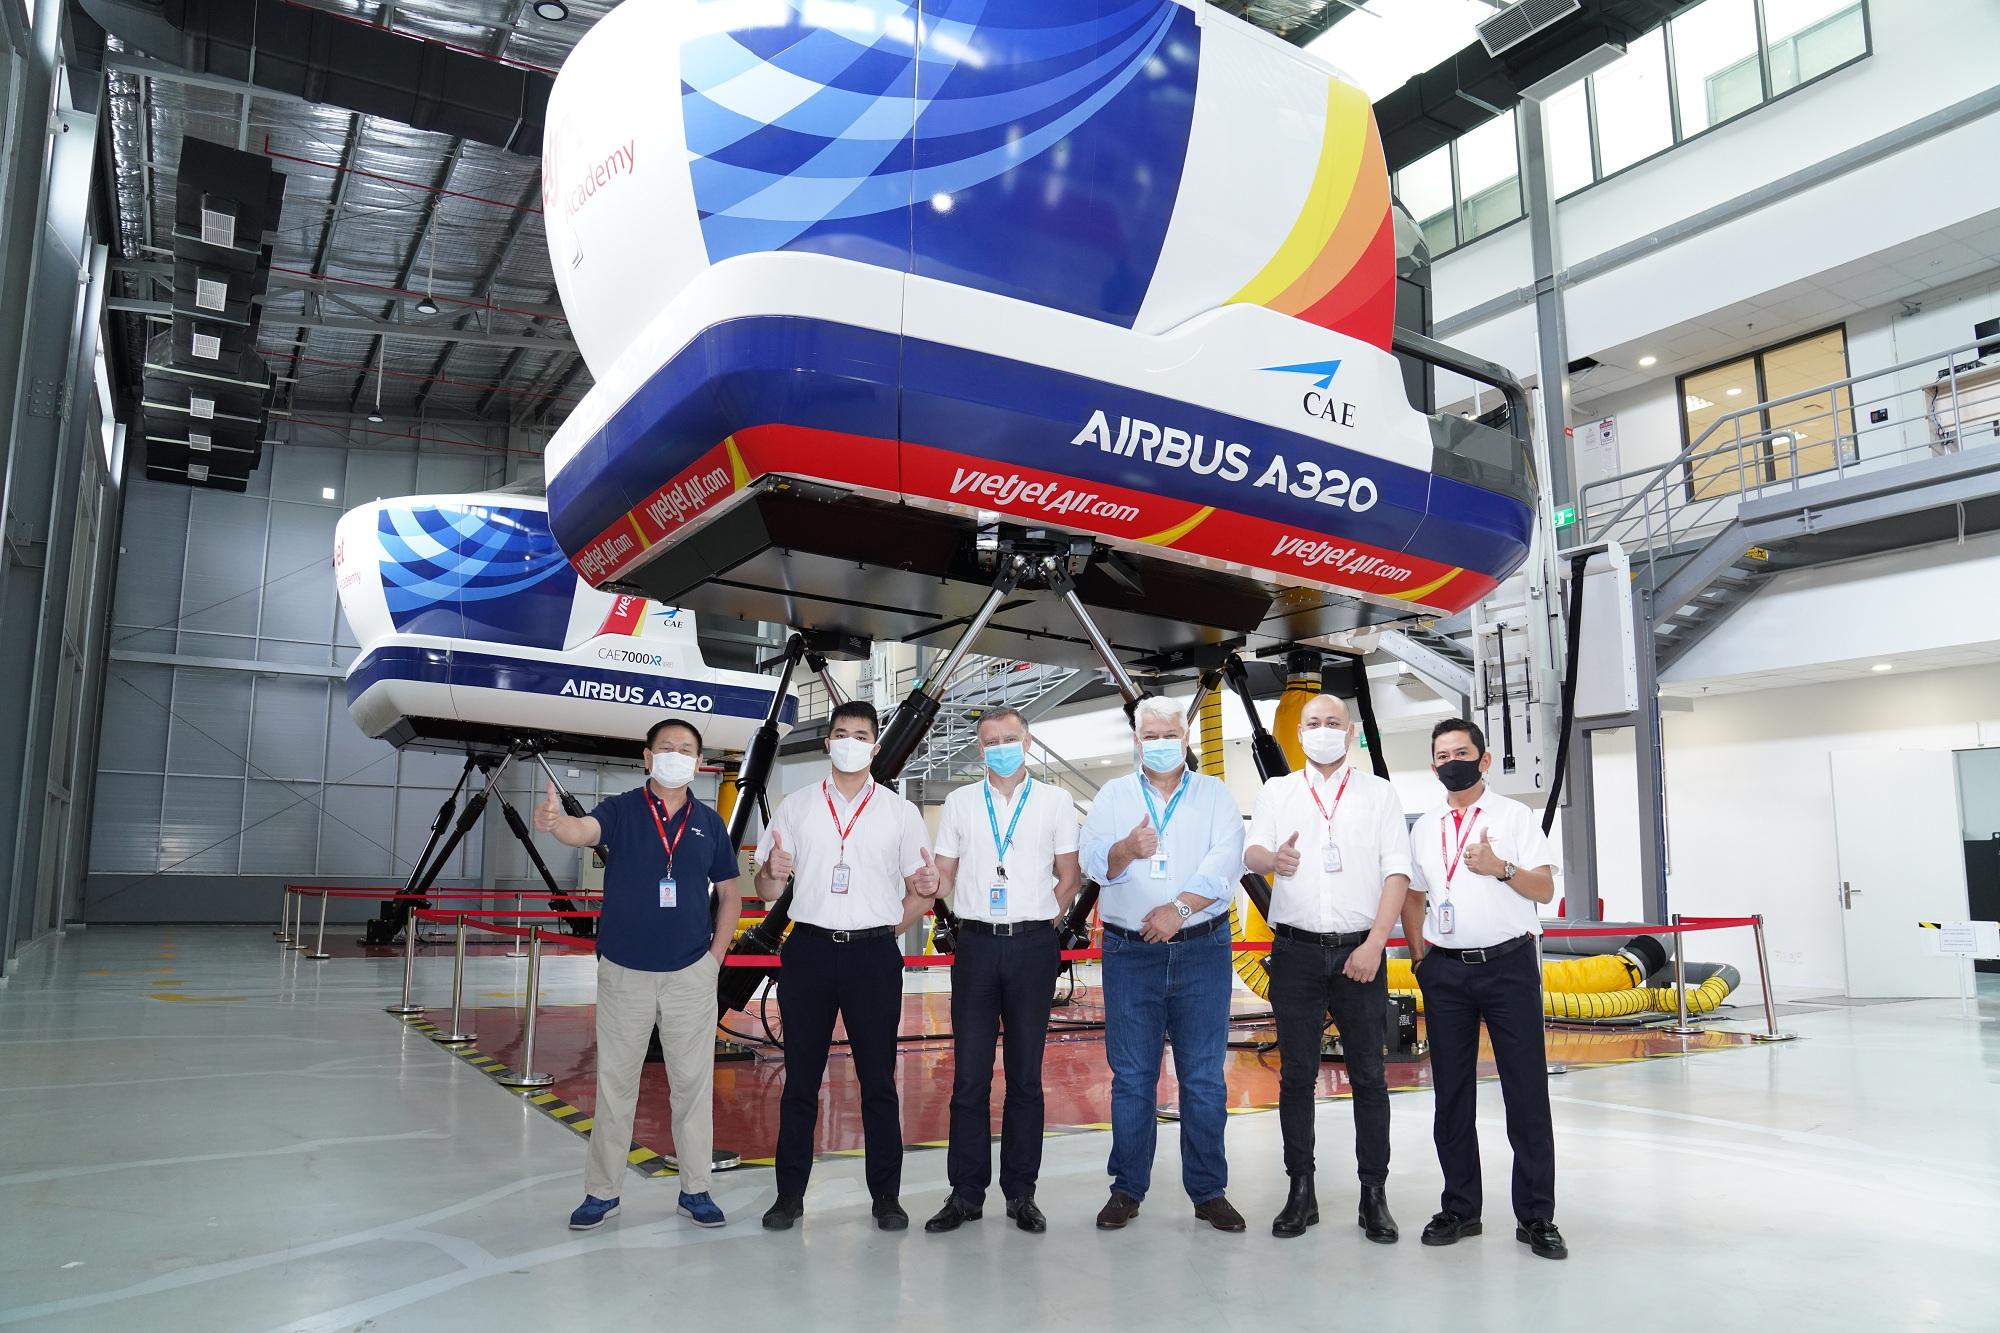 Trung tâm Đào tạo Airbus tại Việt Nam hợp tác với Vietjet cung cấp các khóa học chuyển loại A320